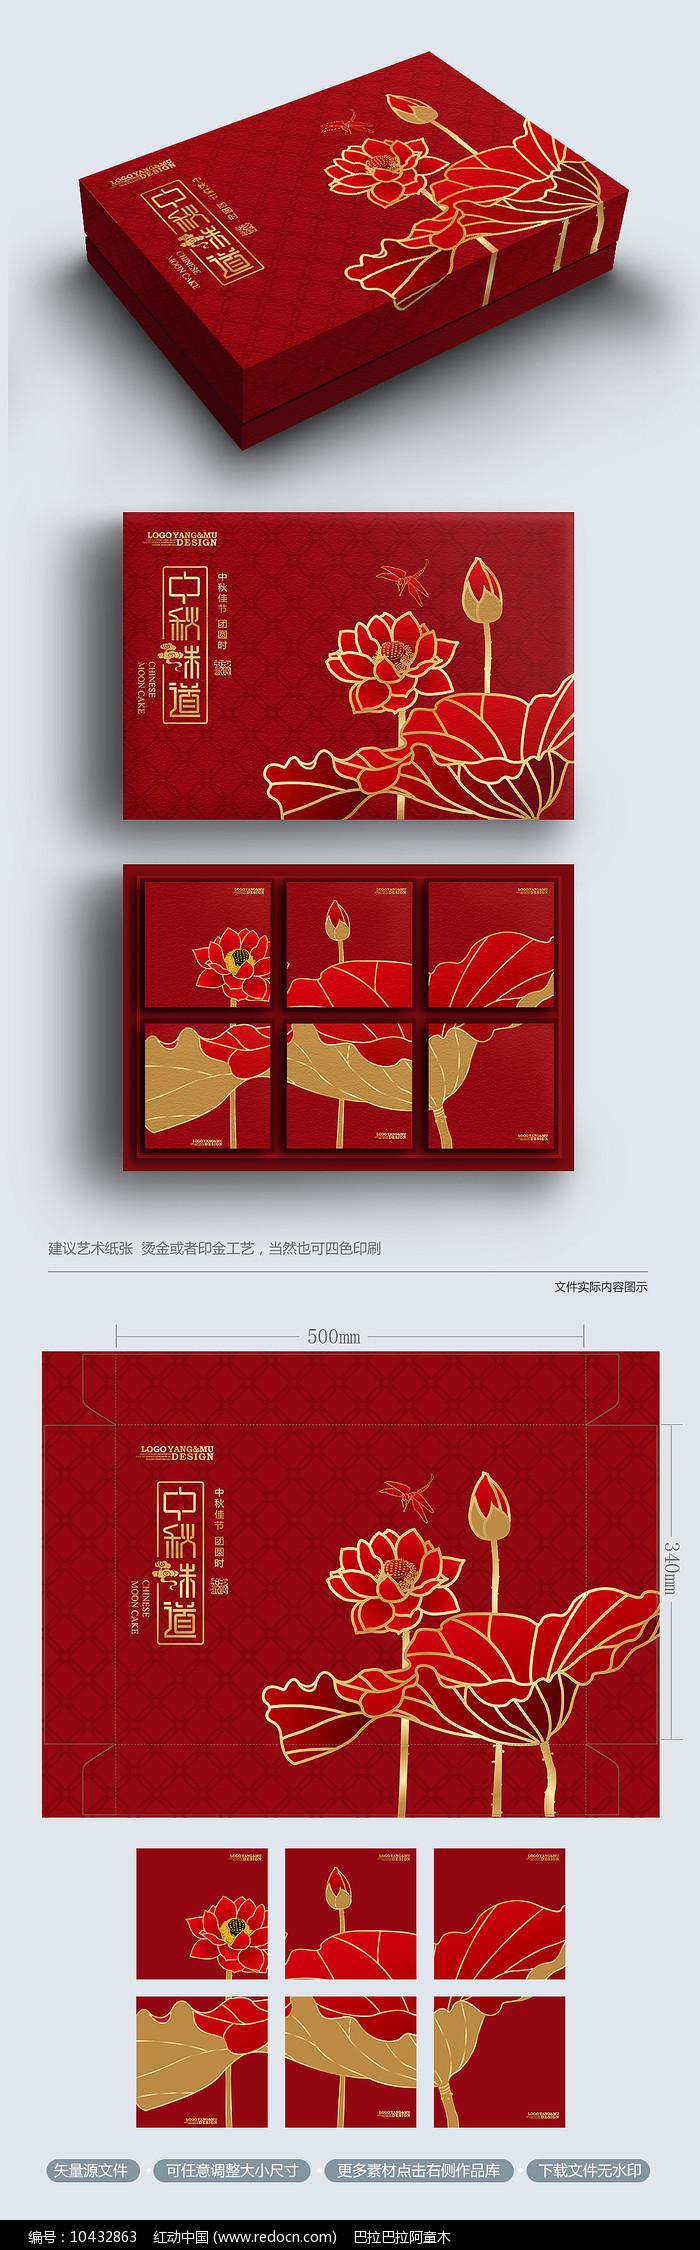 传统文化荷叶荷花高端中秋月饼礼盒包装图片